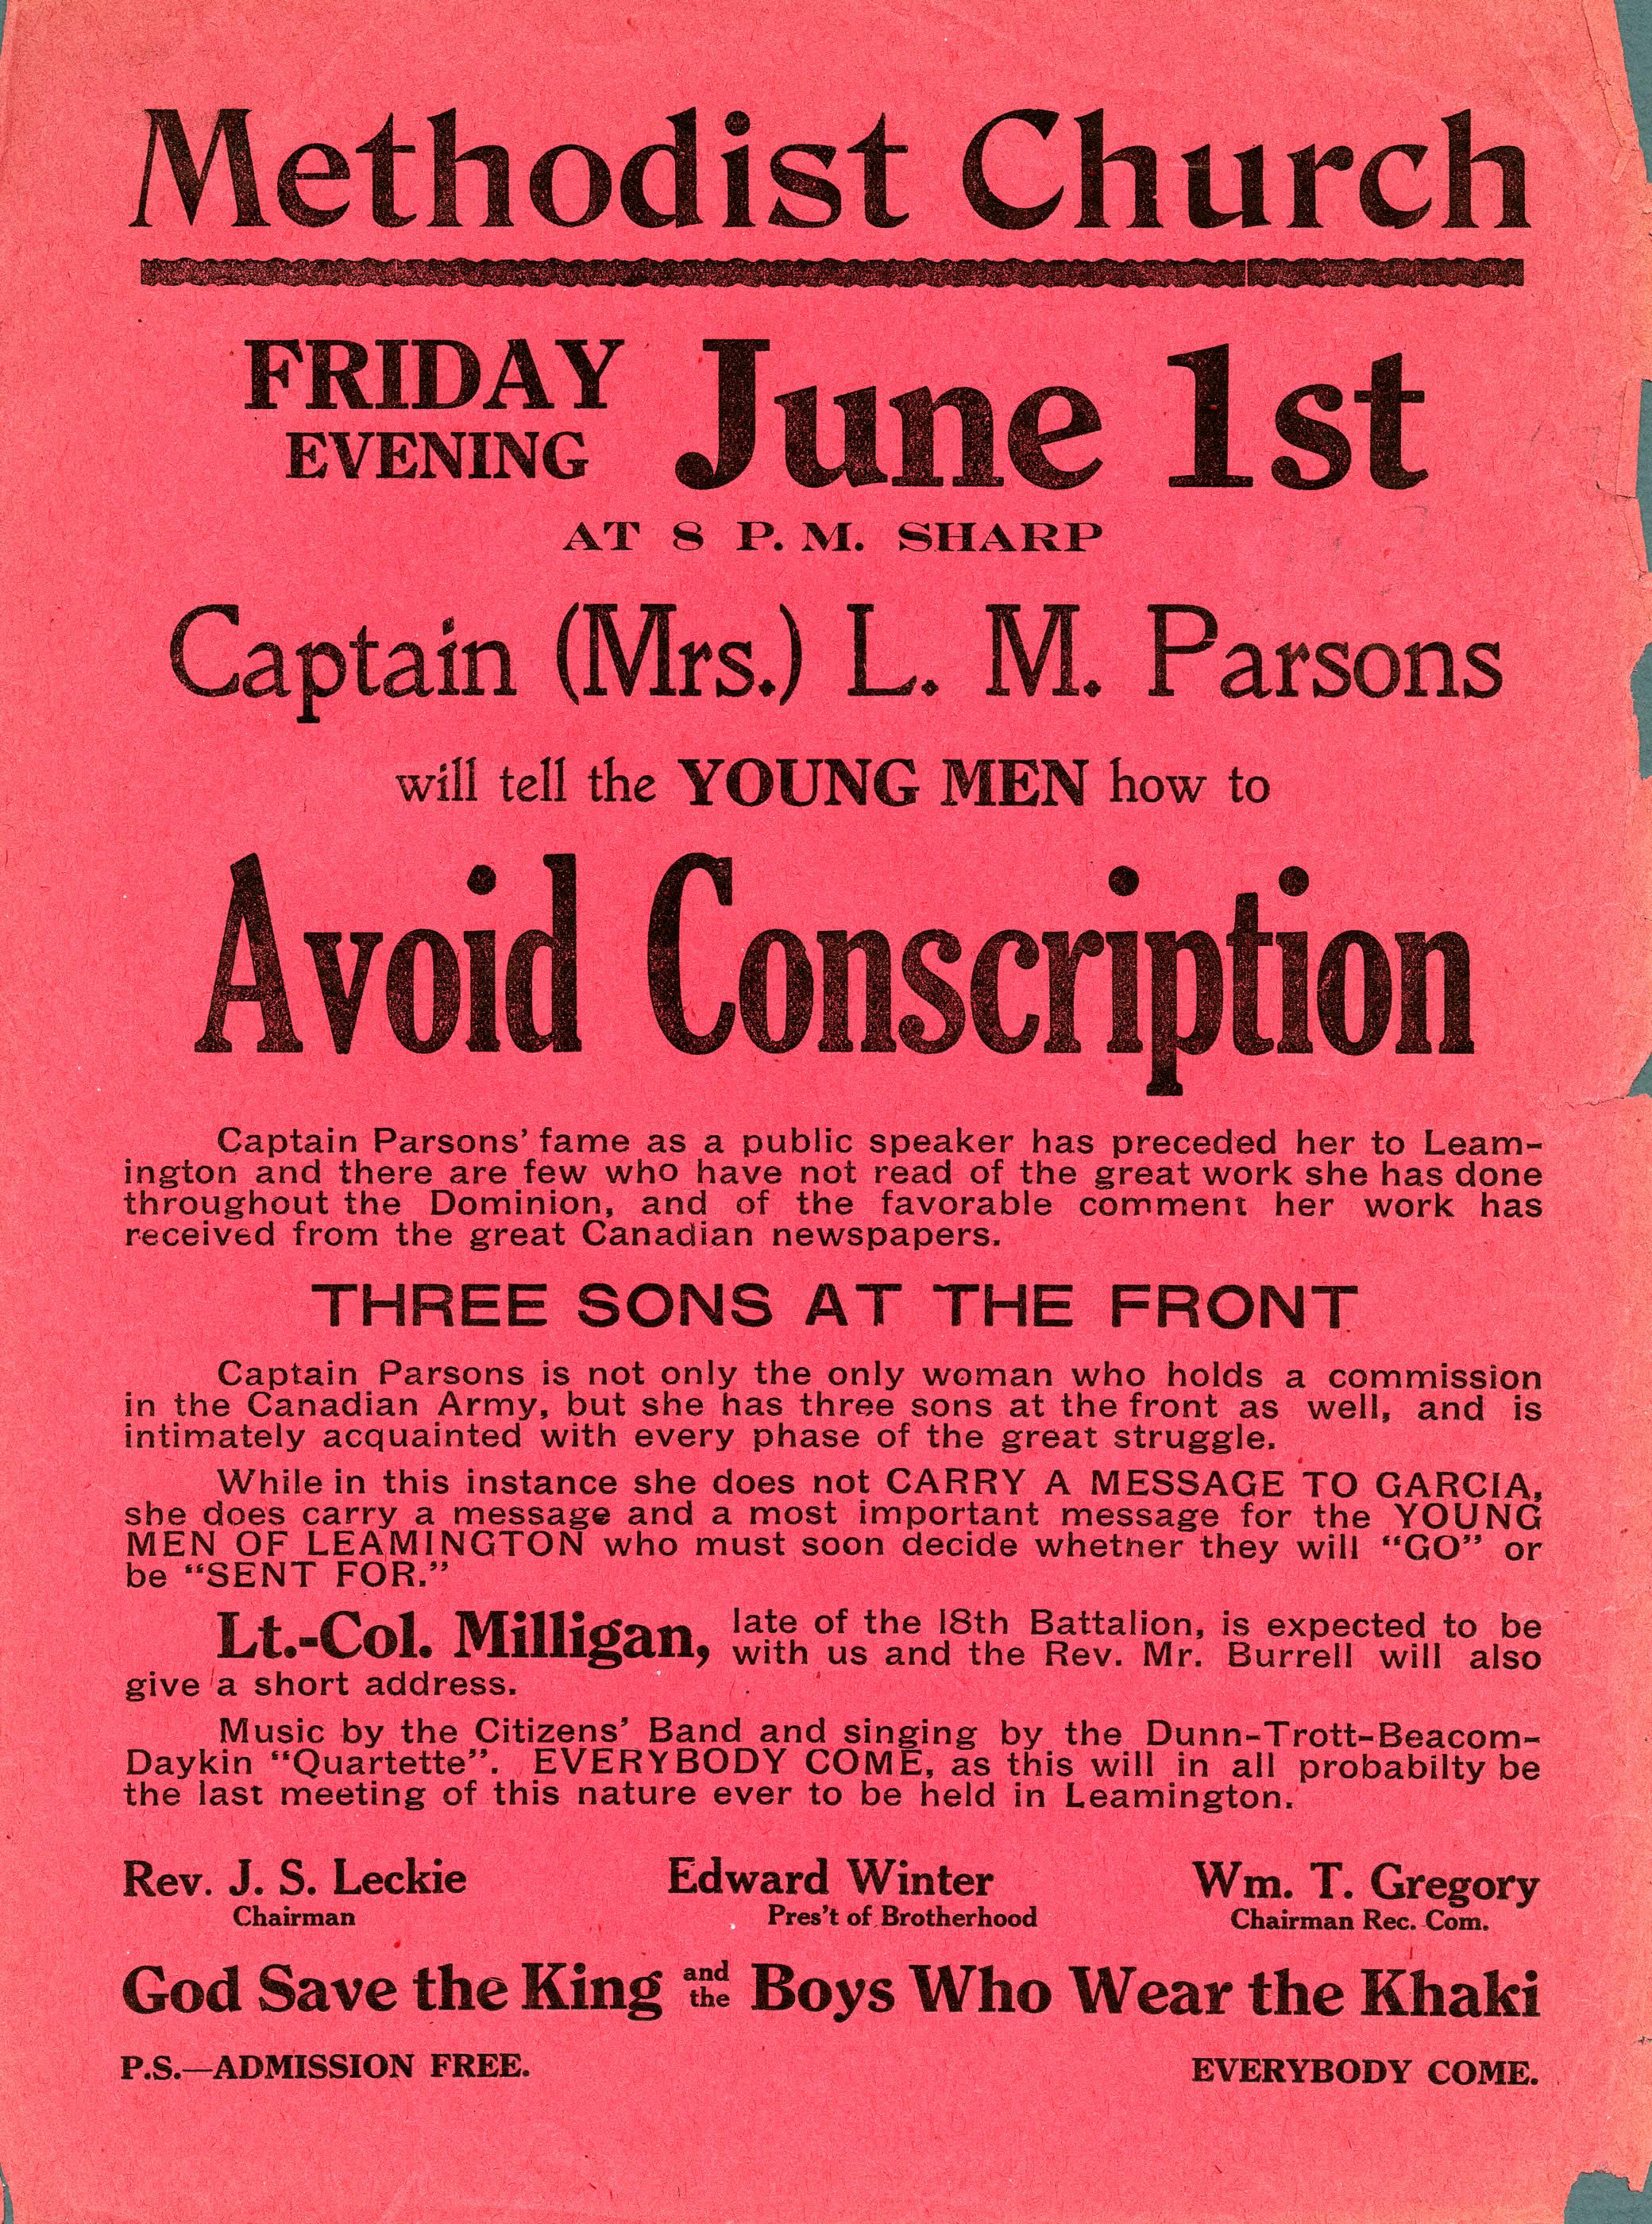 Piège à conscription